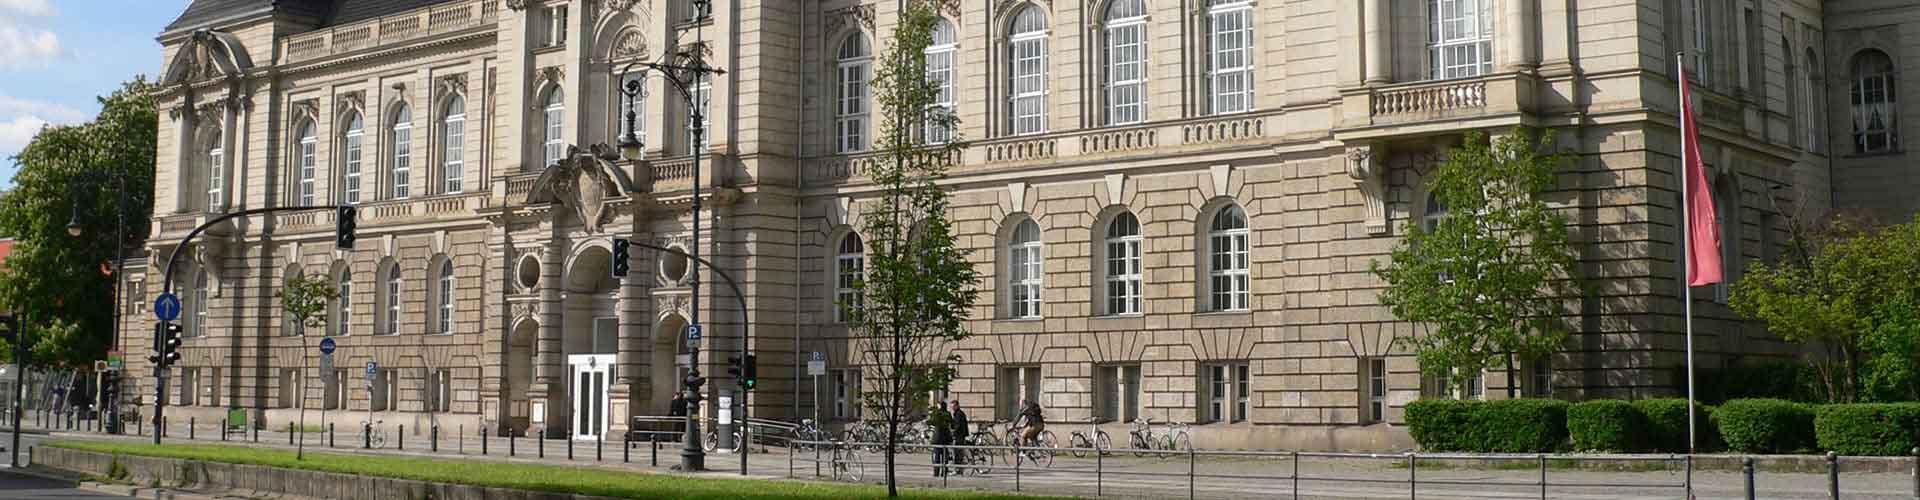 Berlín - Hostelů ve čtvrti Berzik Charlottenburg. Mapy pro Berlín, fotky a recenze pro každý hostel v Berlín.